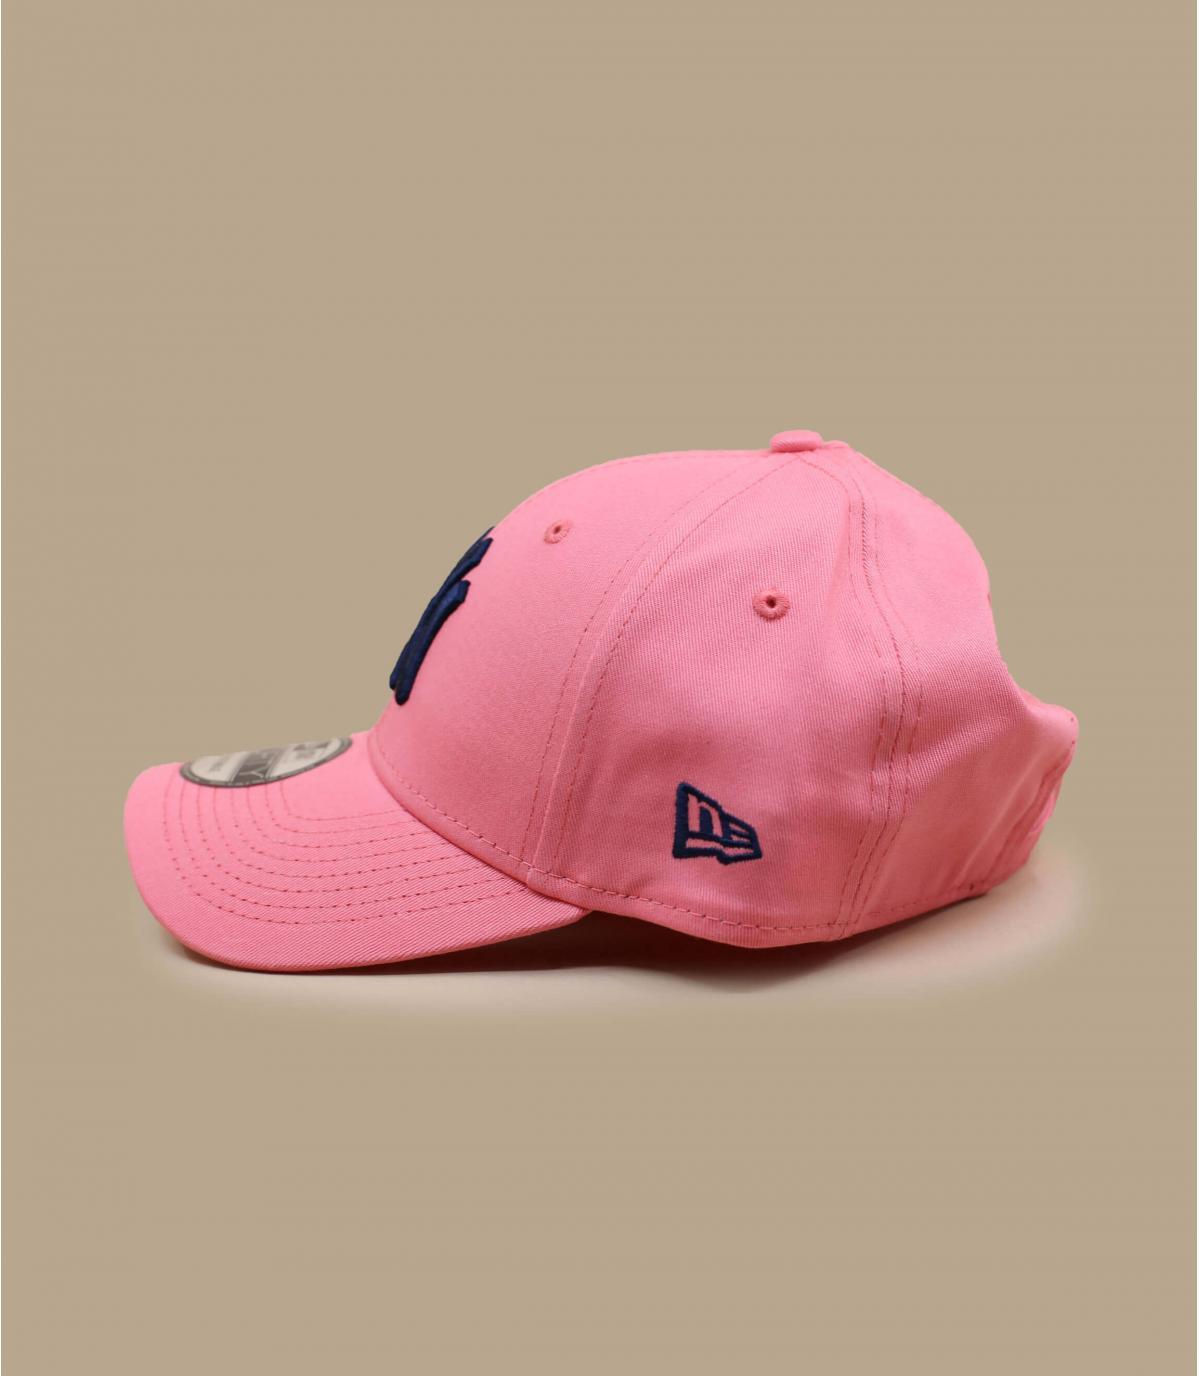 Détails League Ess NY 940 pink lift navy - image 2